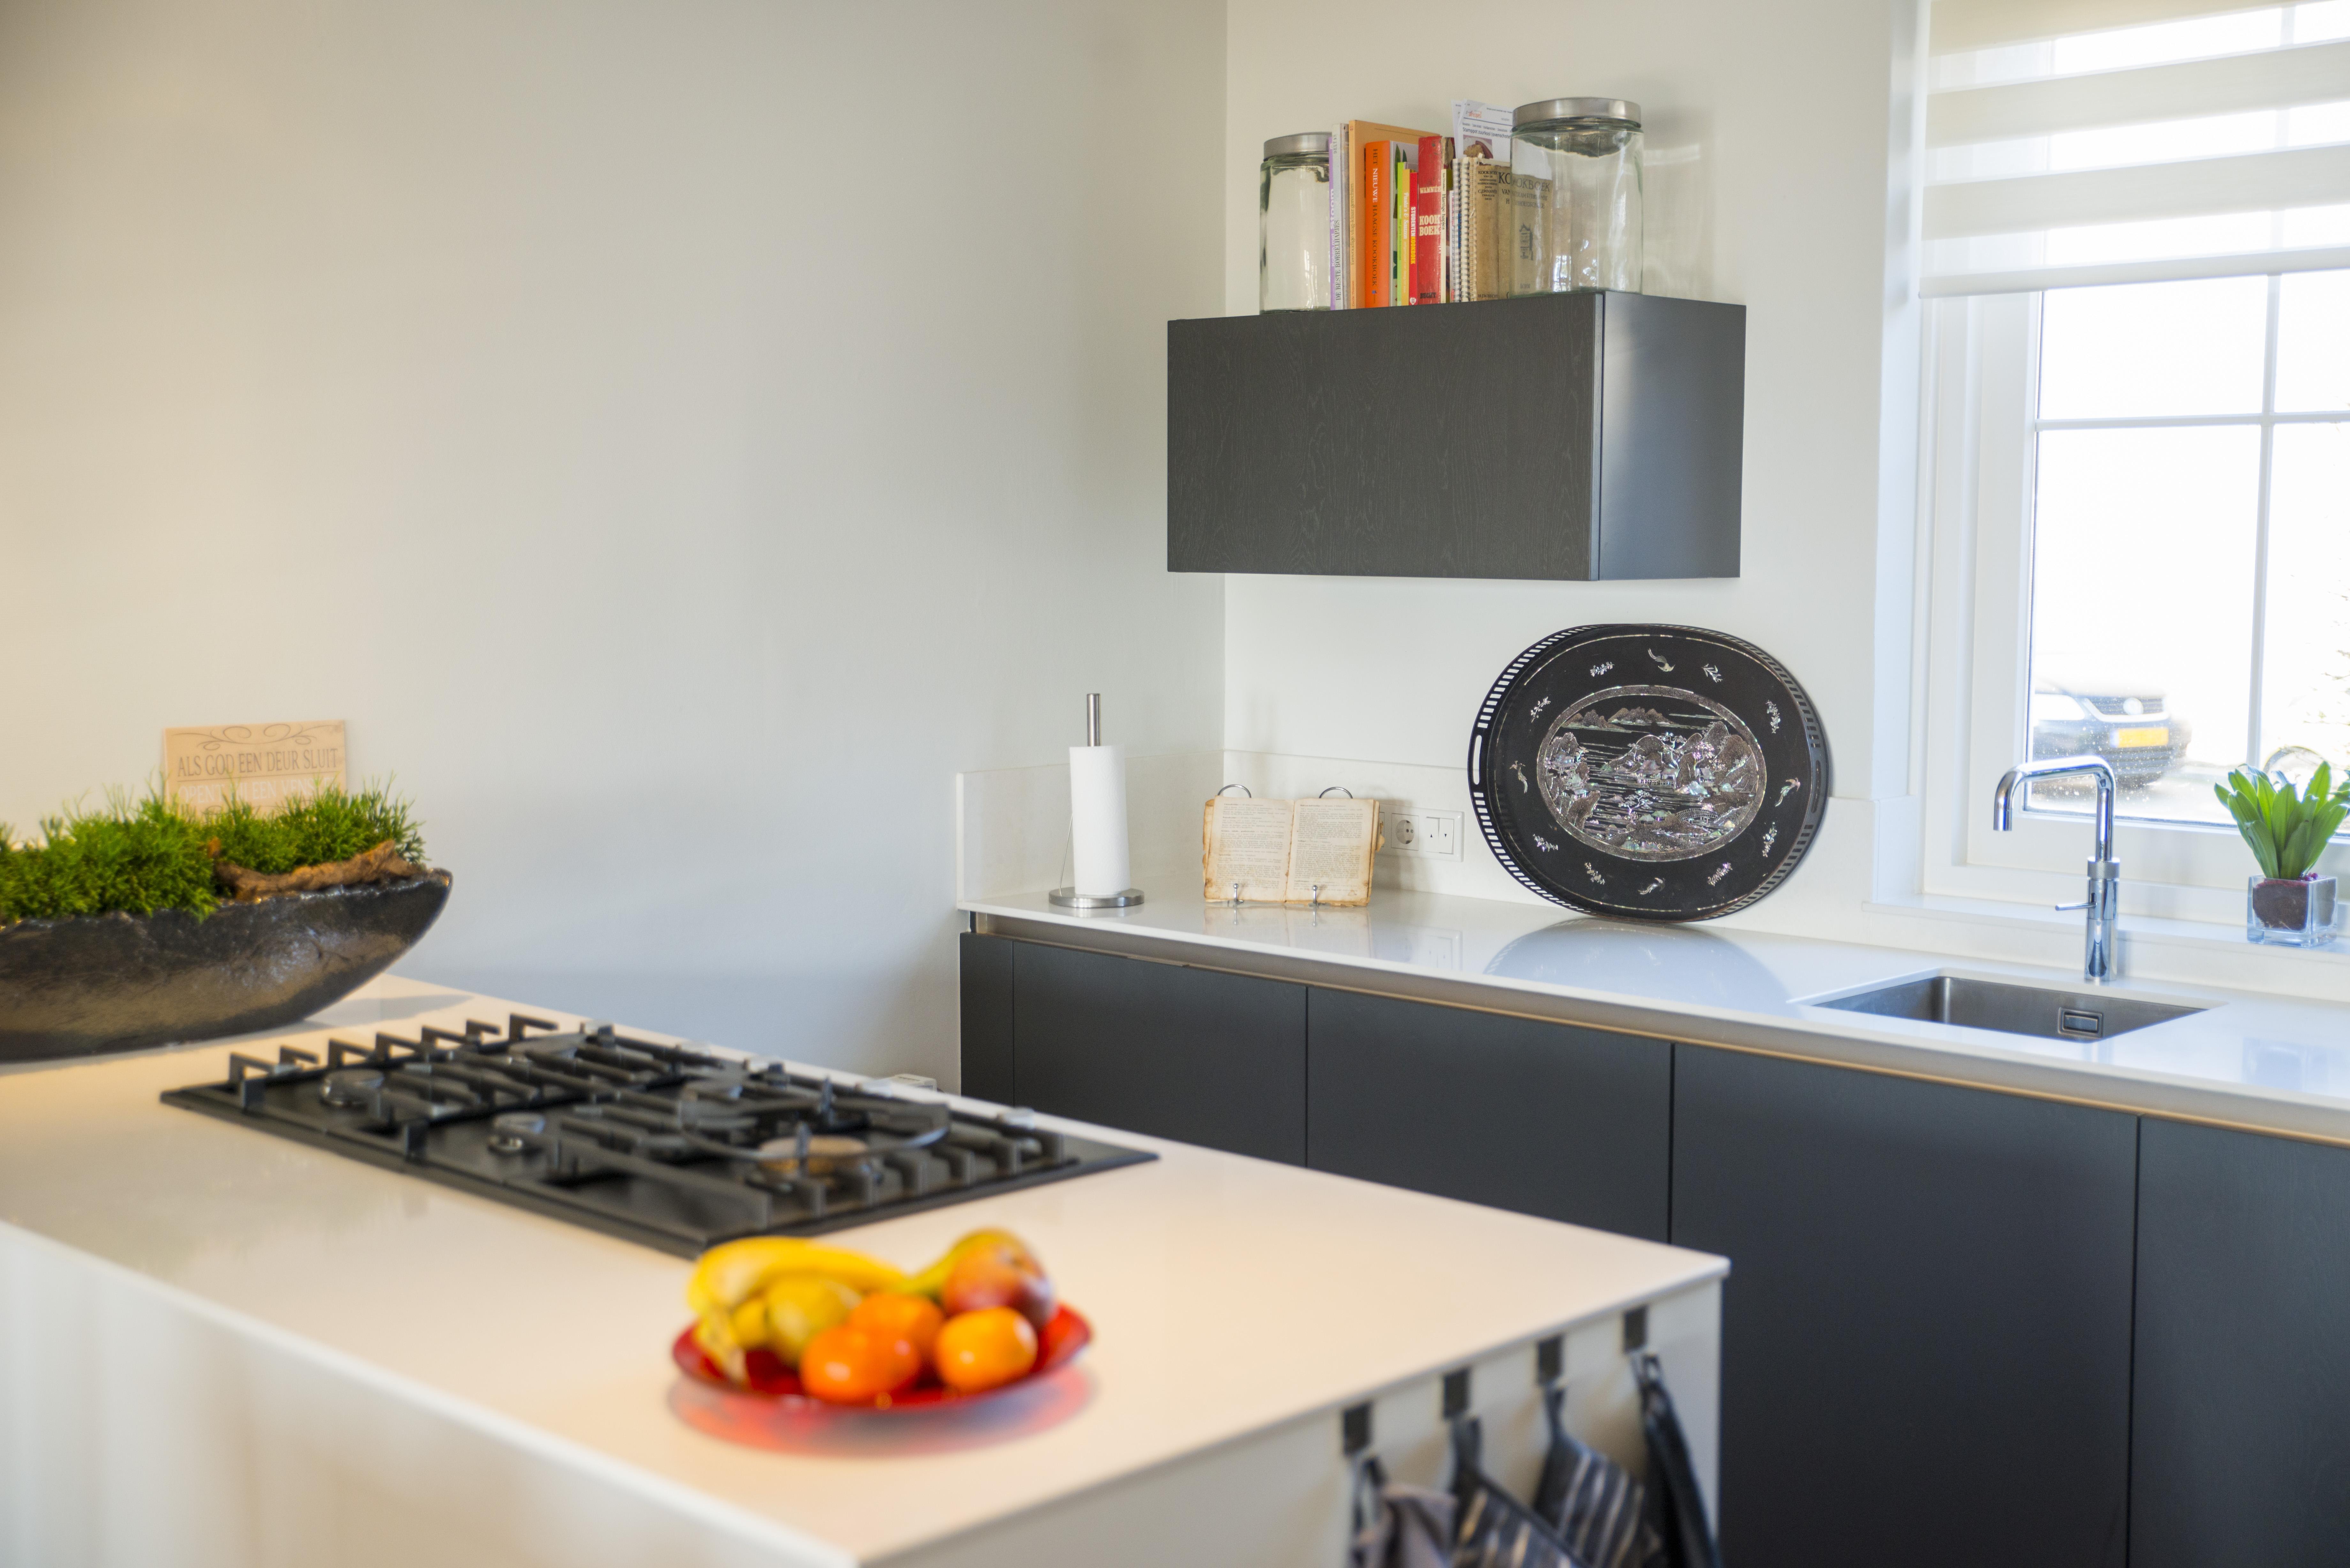 Van Manen Keukens : Deze strakke en moderne keuken heeft van manen keukens bv te